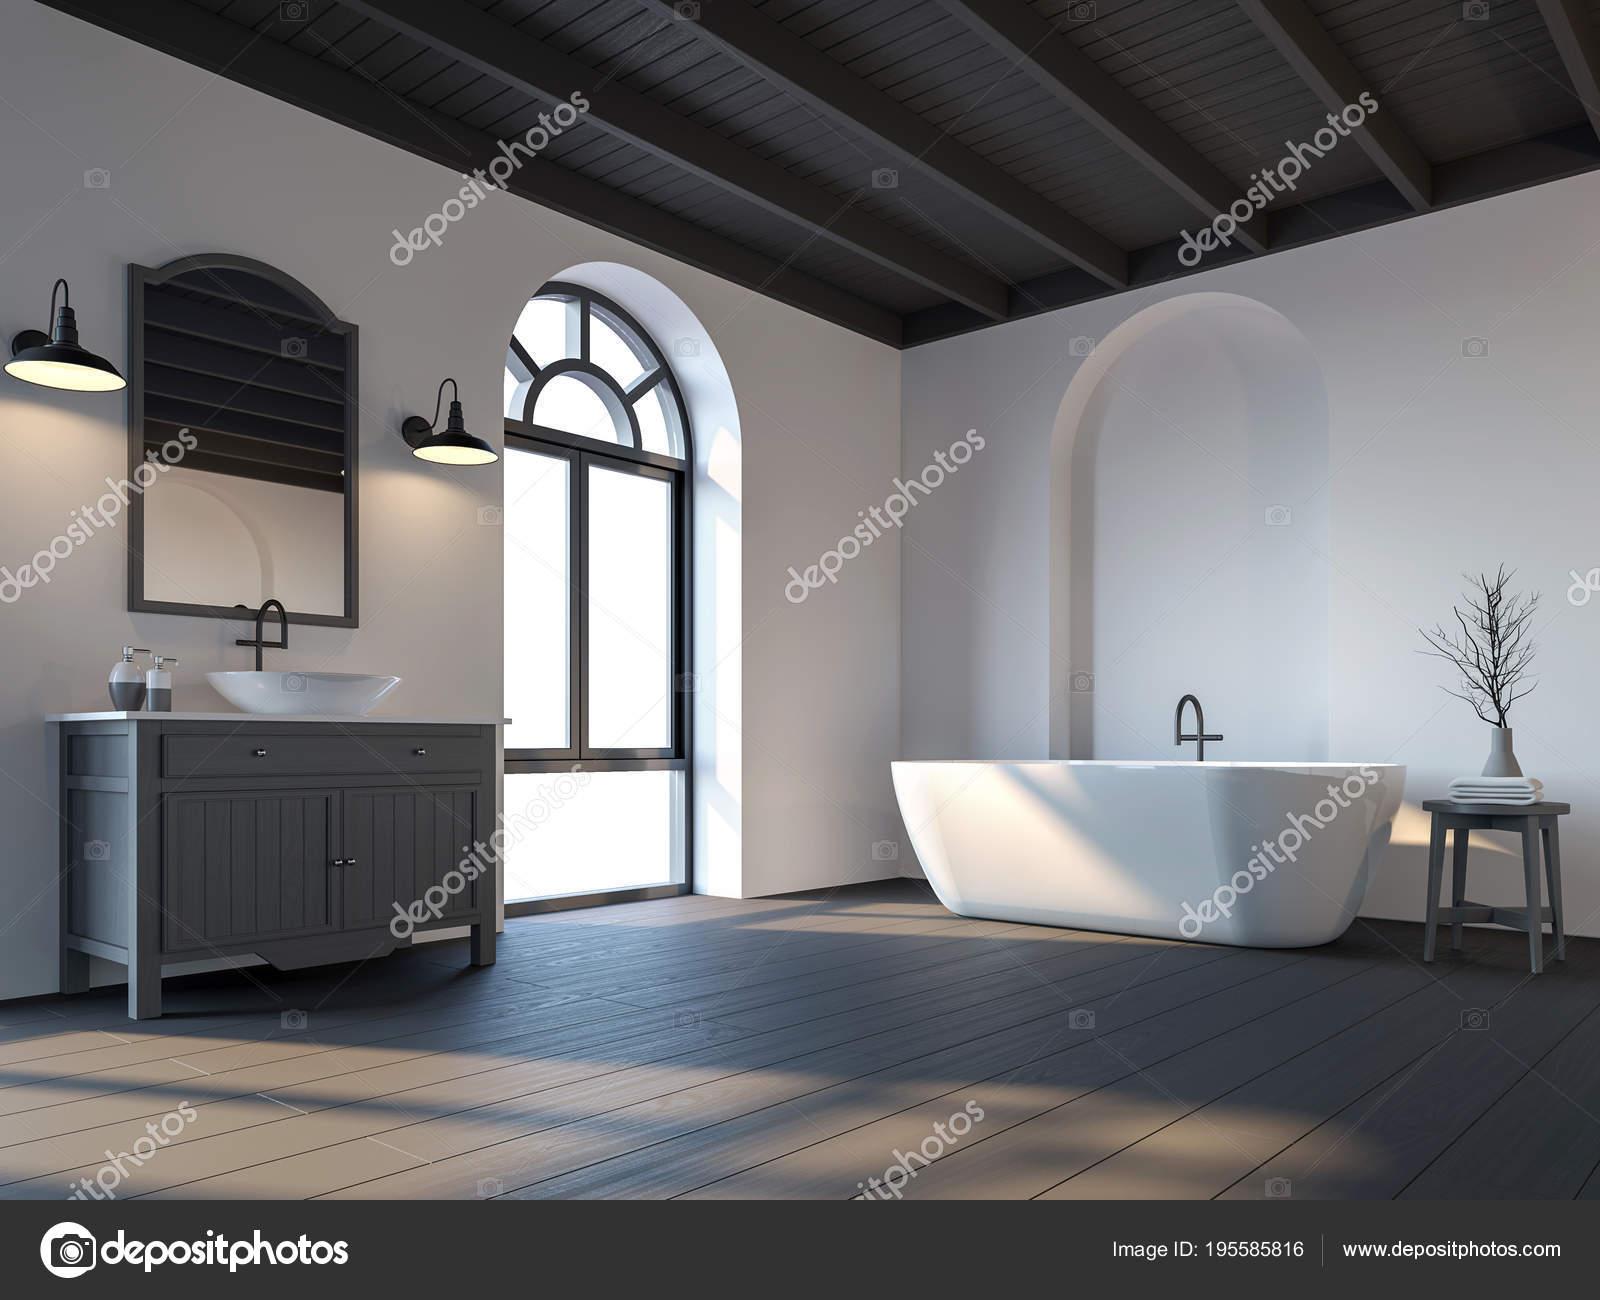 Agreable Salle De Bains Scandinave Avec Plancher De Bois Noir Rendu 3d. Il Y A Au  Plafond Et Plancher En Bois Noir. Meublé Avec Des Meubles En Gris Foncé.